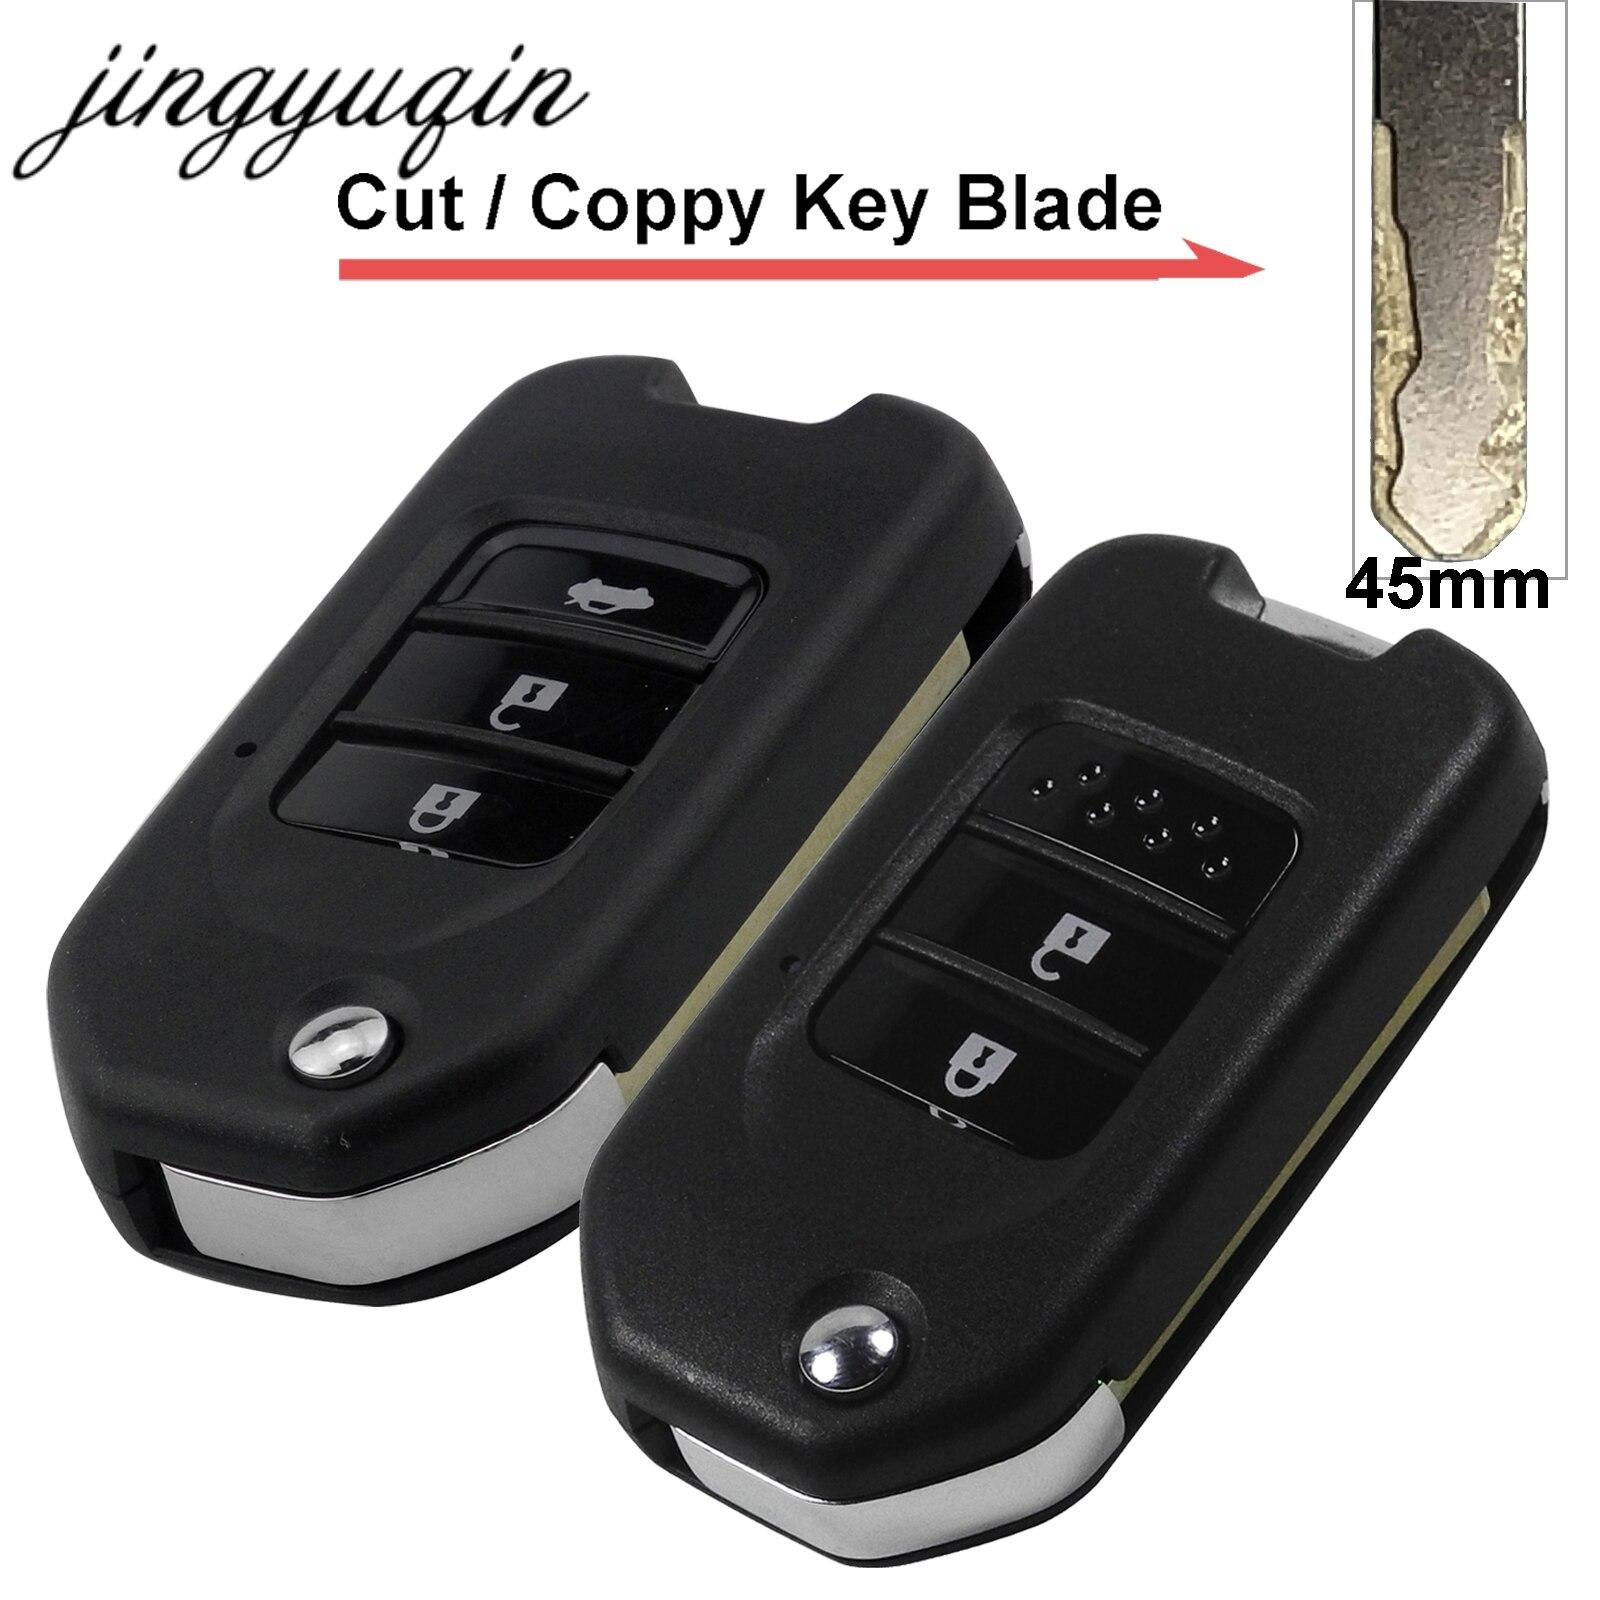 Jingyuqin 3 Boutons De Voiture À Distance Flip Clé Shell Fit pour Honda Accord Civic Ville CR-V Jazz XR-V Vezel HR-V Comprennent coupe Ébauche de Clé